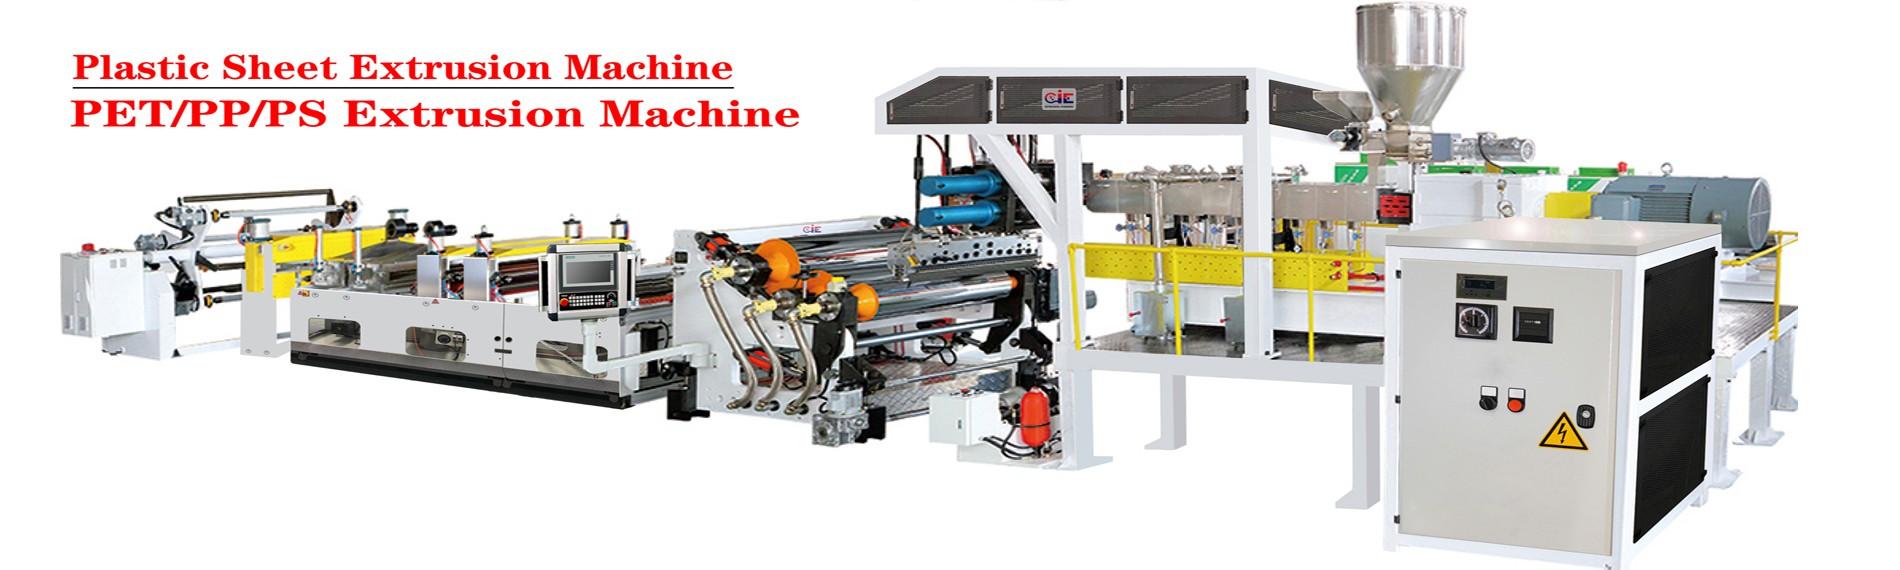 Plastic Film/Sheet Extrusion Machine